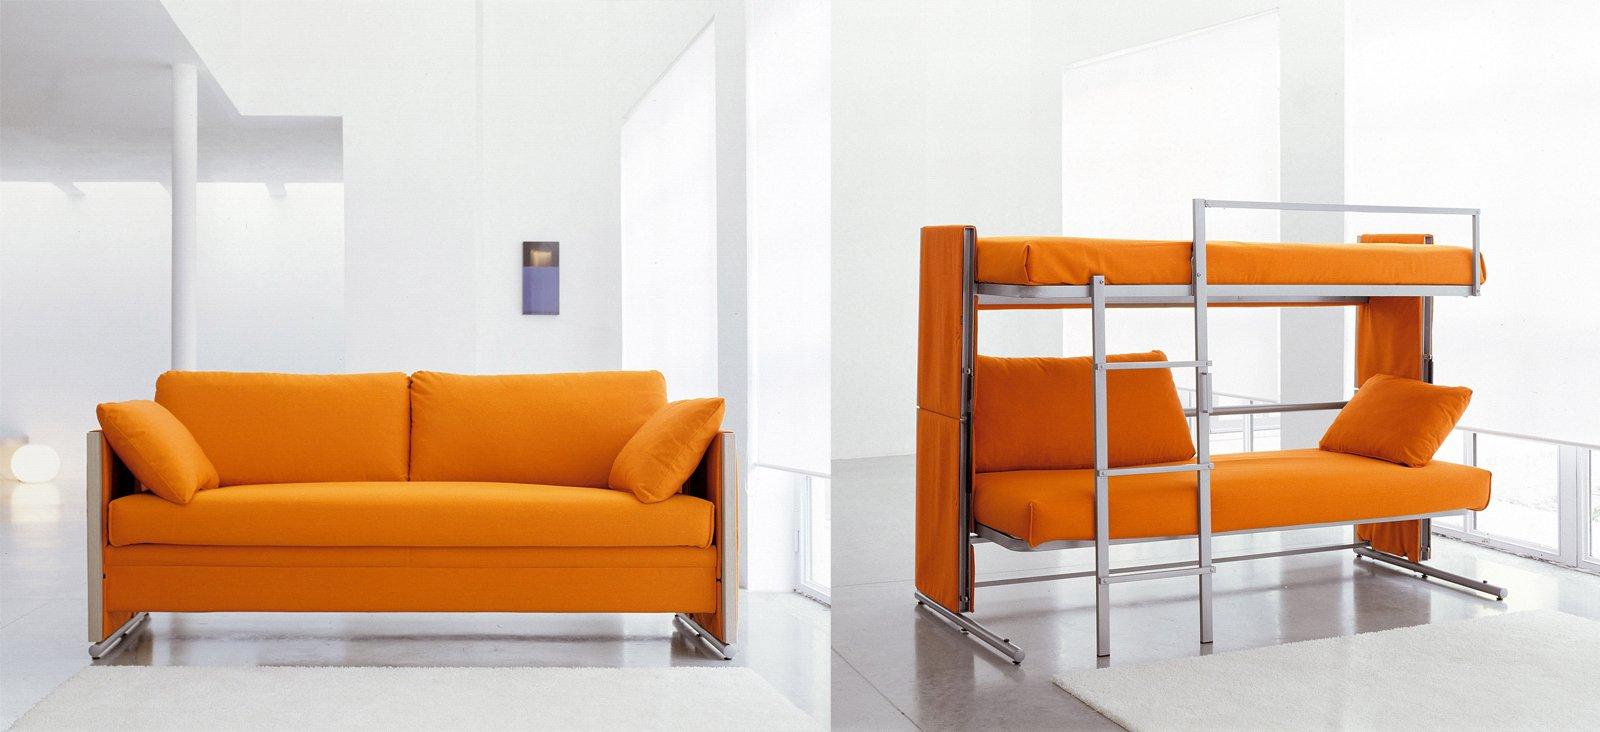 Divani letto per risparmiare spazio cose di casa - Divano letto a castello ikea ...